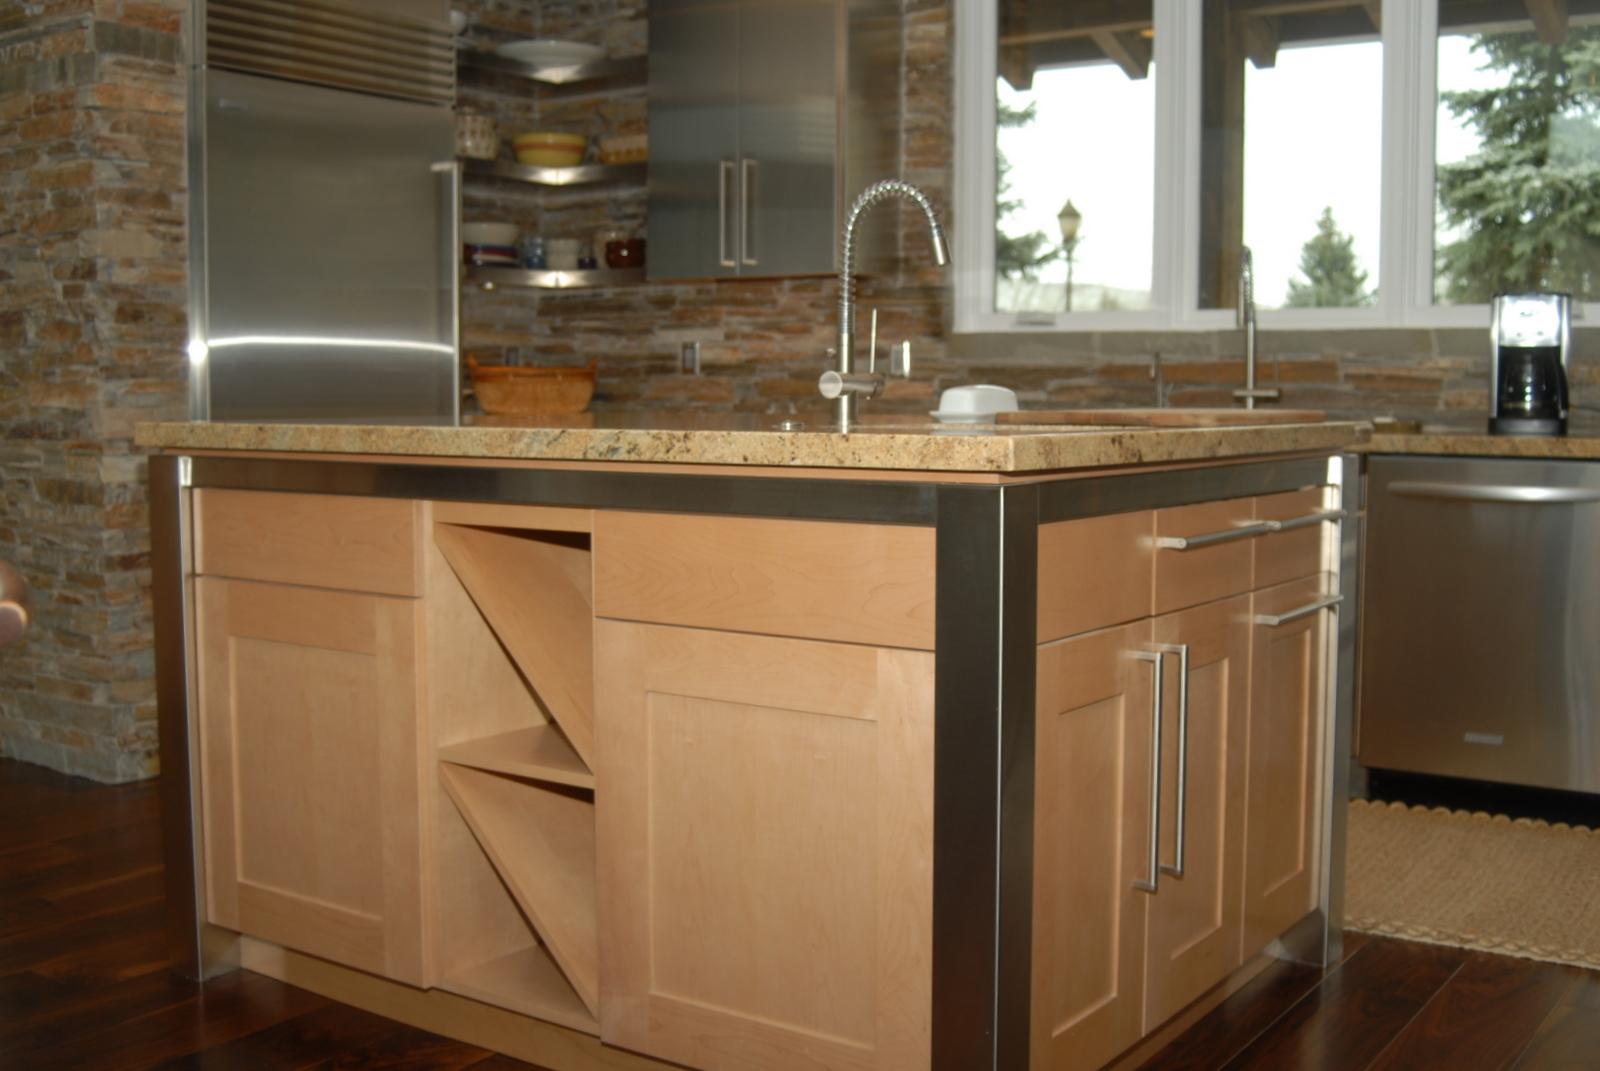 arendal kitchen design arendal kitchen design     arendal kitchen design   arendal kitchen design arendal kitchen      rh   diydesign org